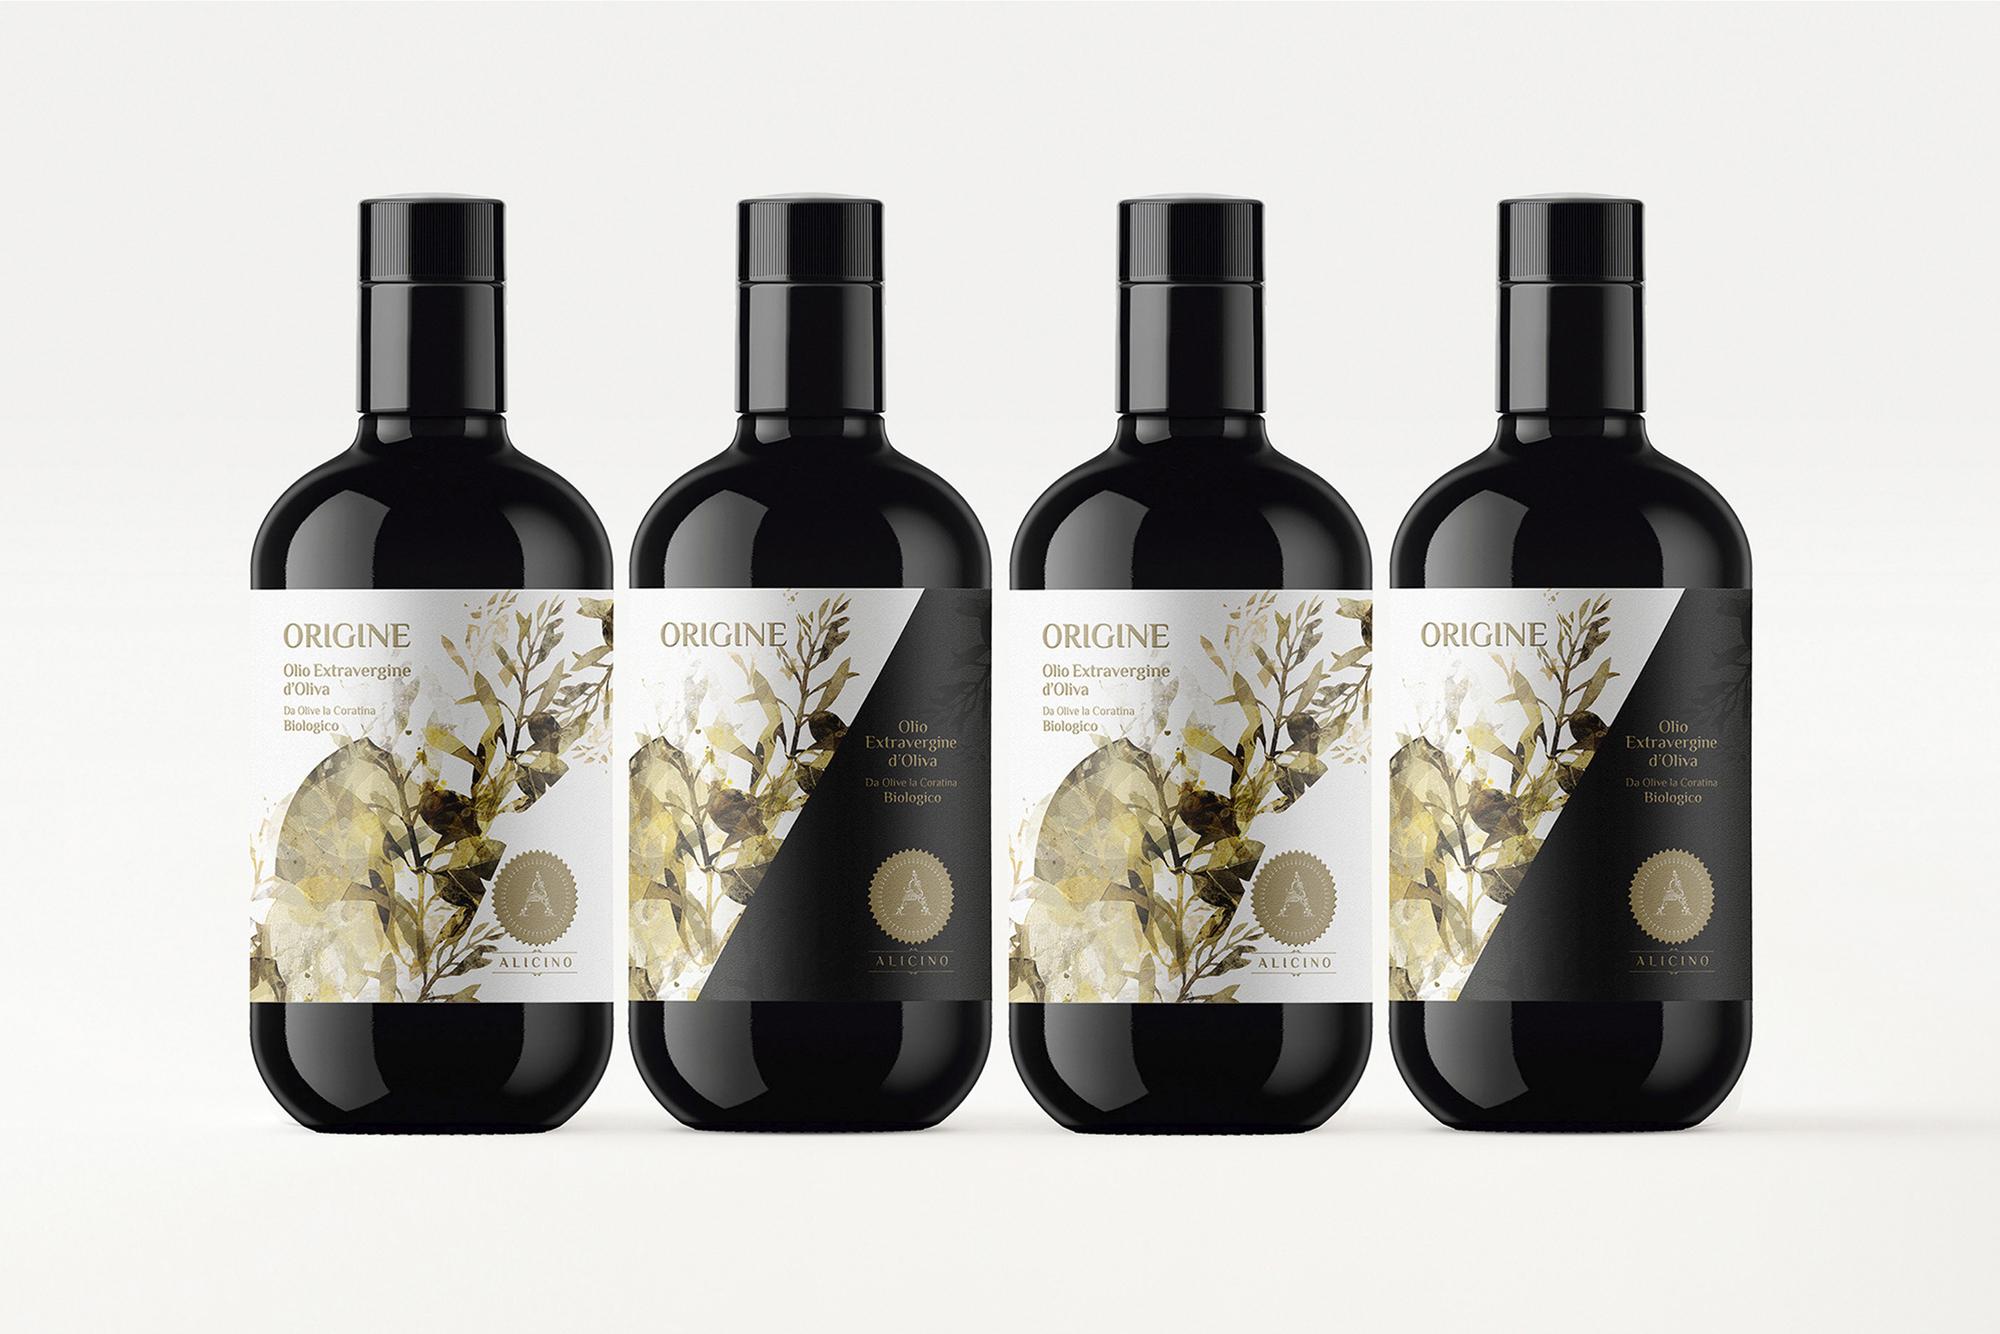 Armoder Designs the Range of Olive Oils for the Azienda Alicino